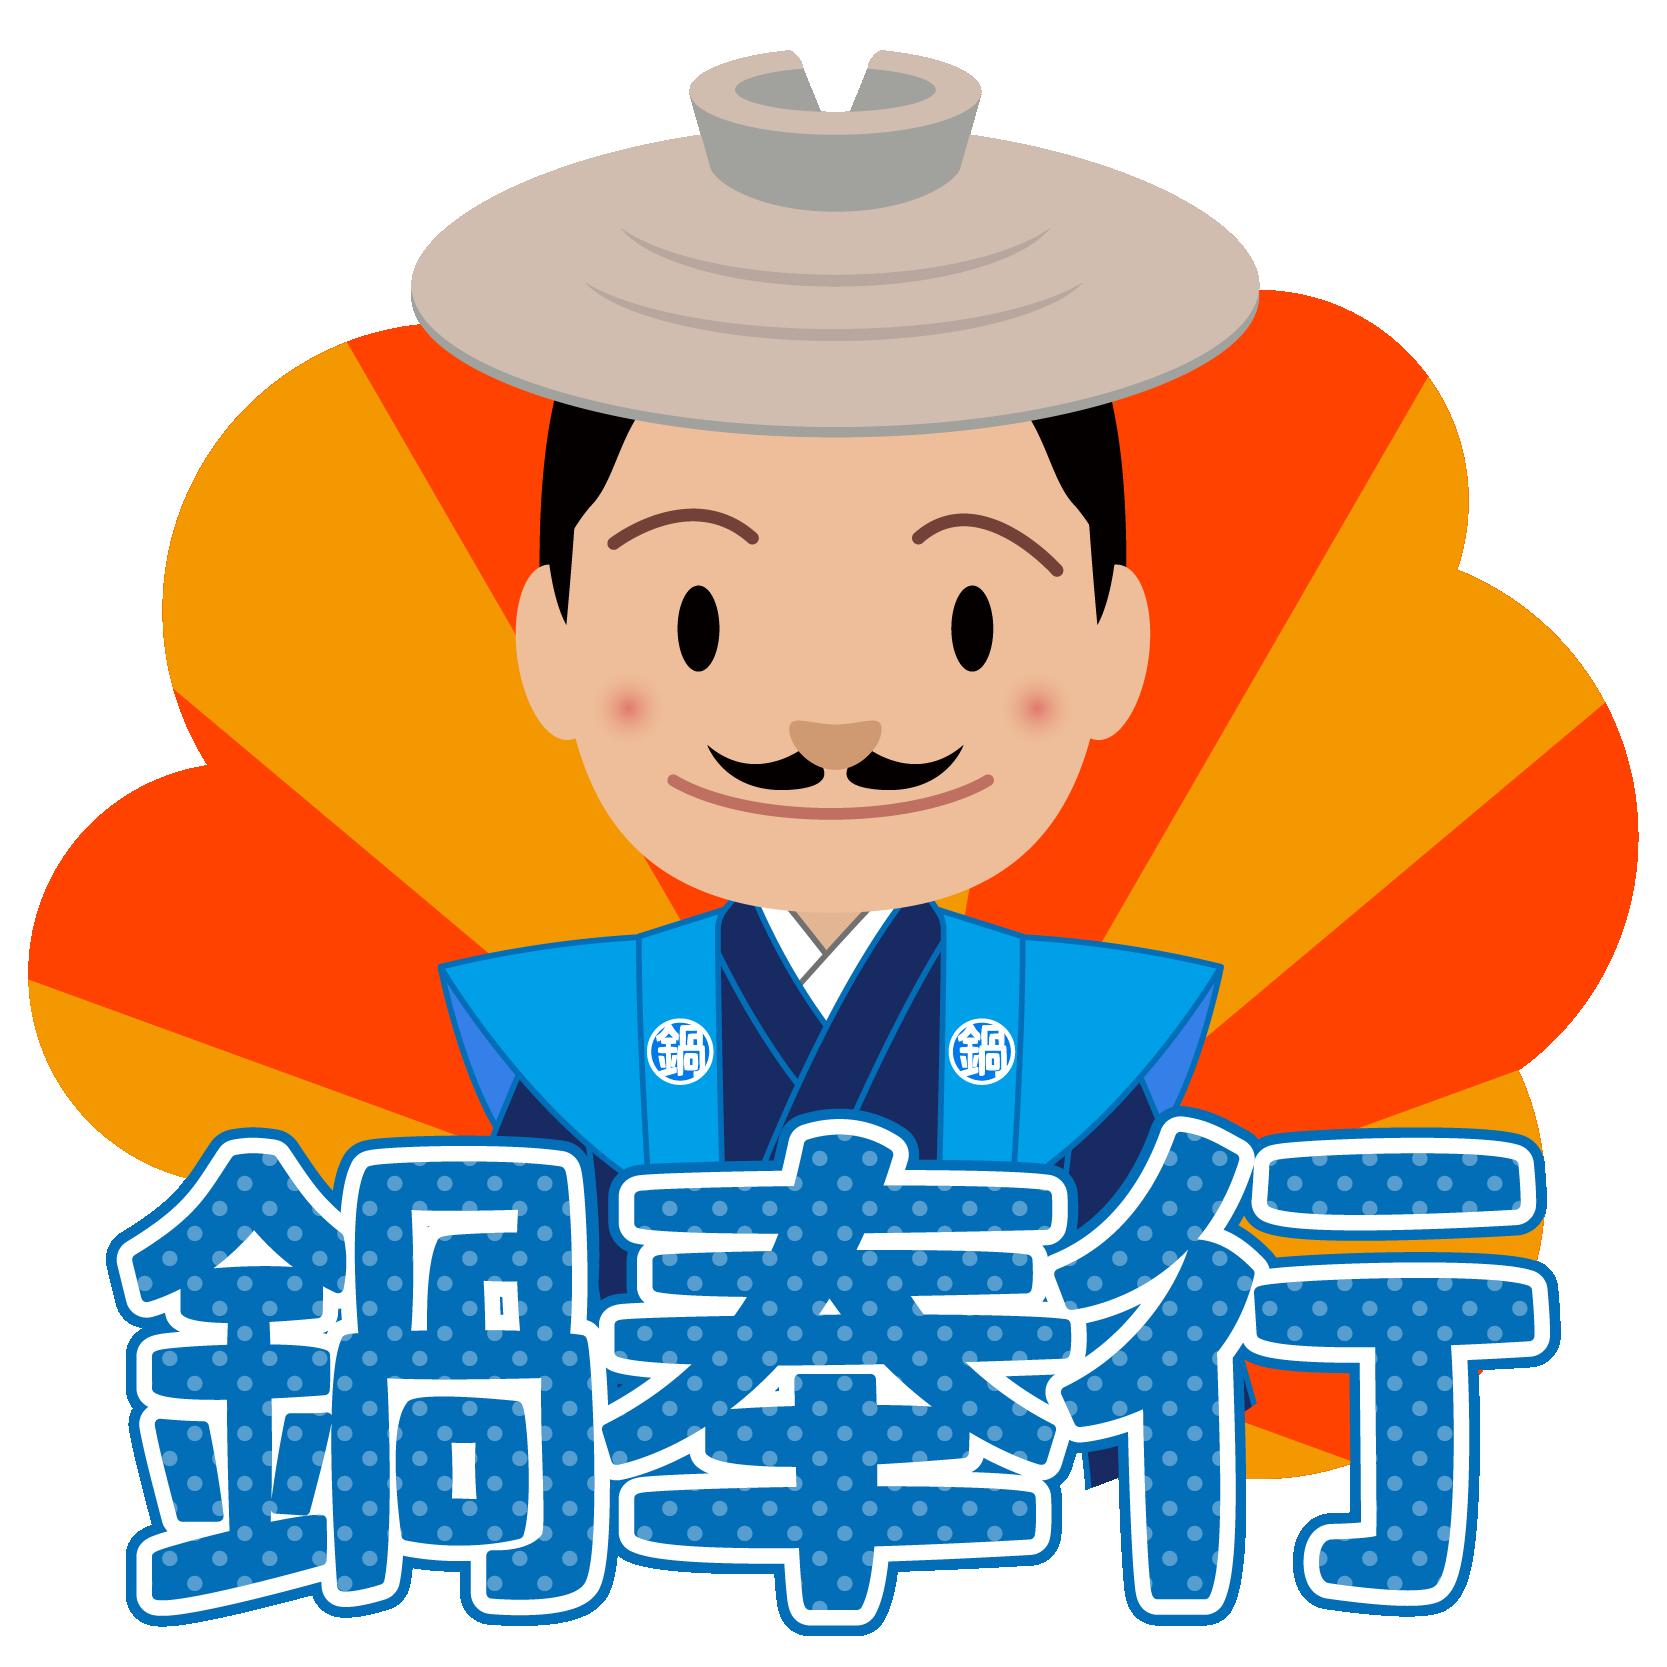 商用フリー・無料イラスト_鍋奉行_03